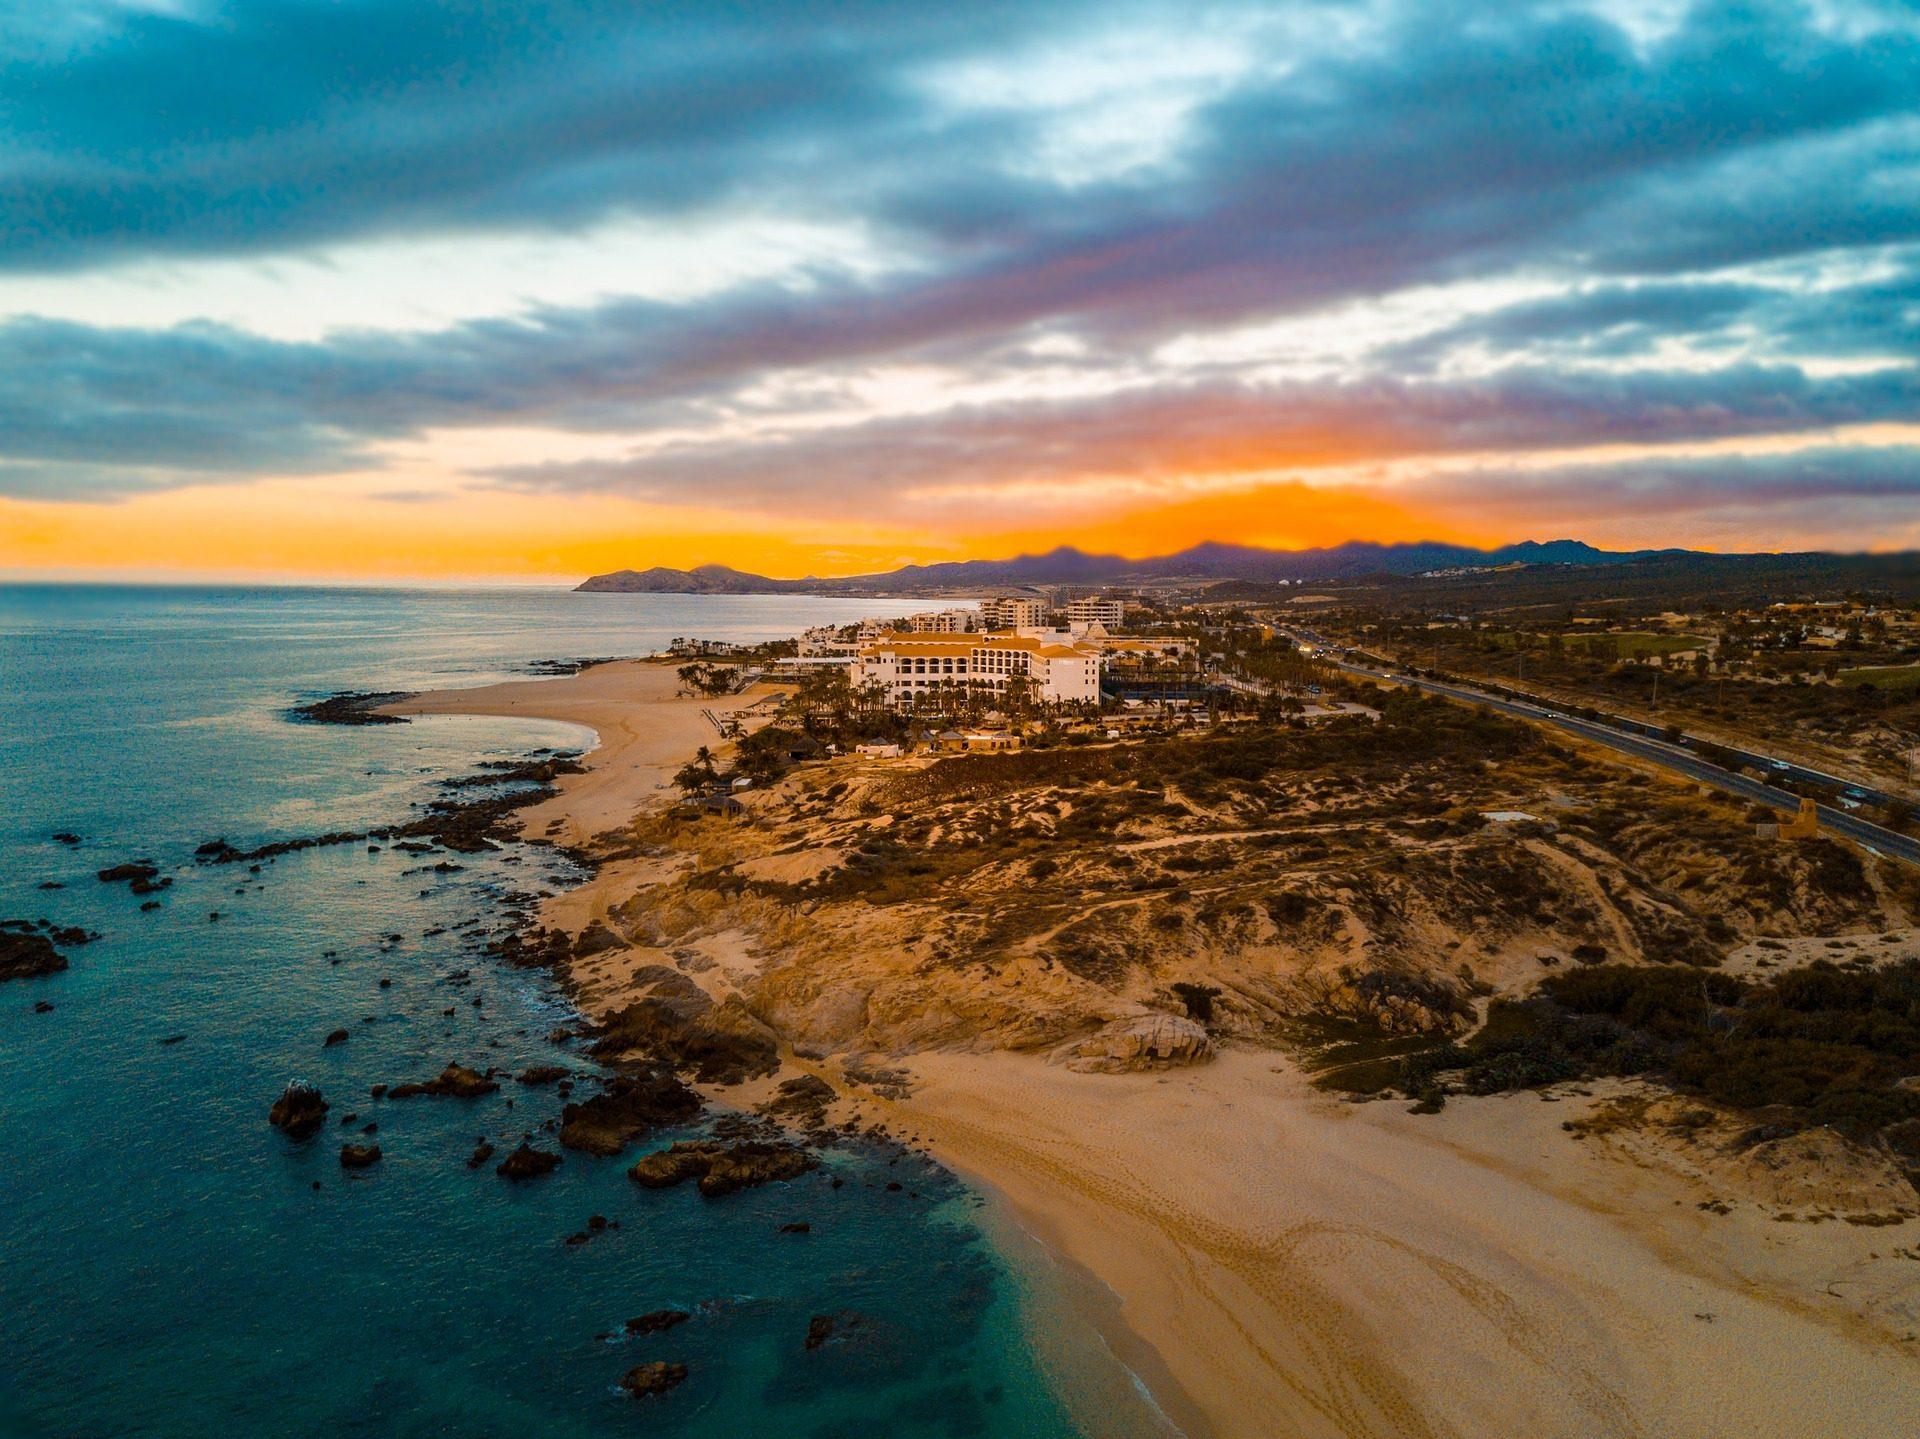 mar, costa, playa, pueblo, cielo, nublado - Fondos de Pantalla HD - professor-falken.com